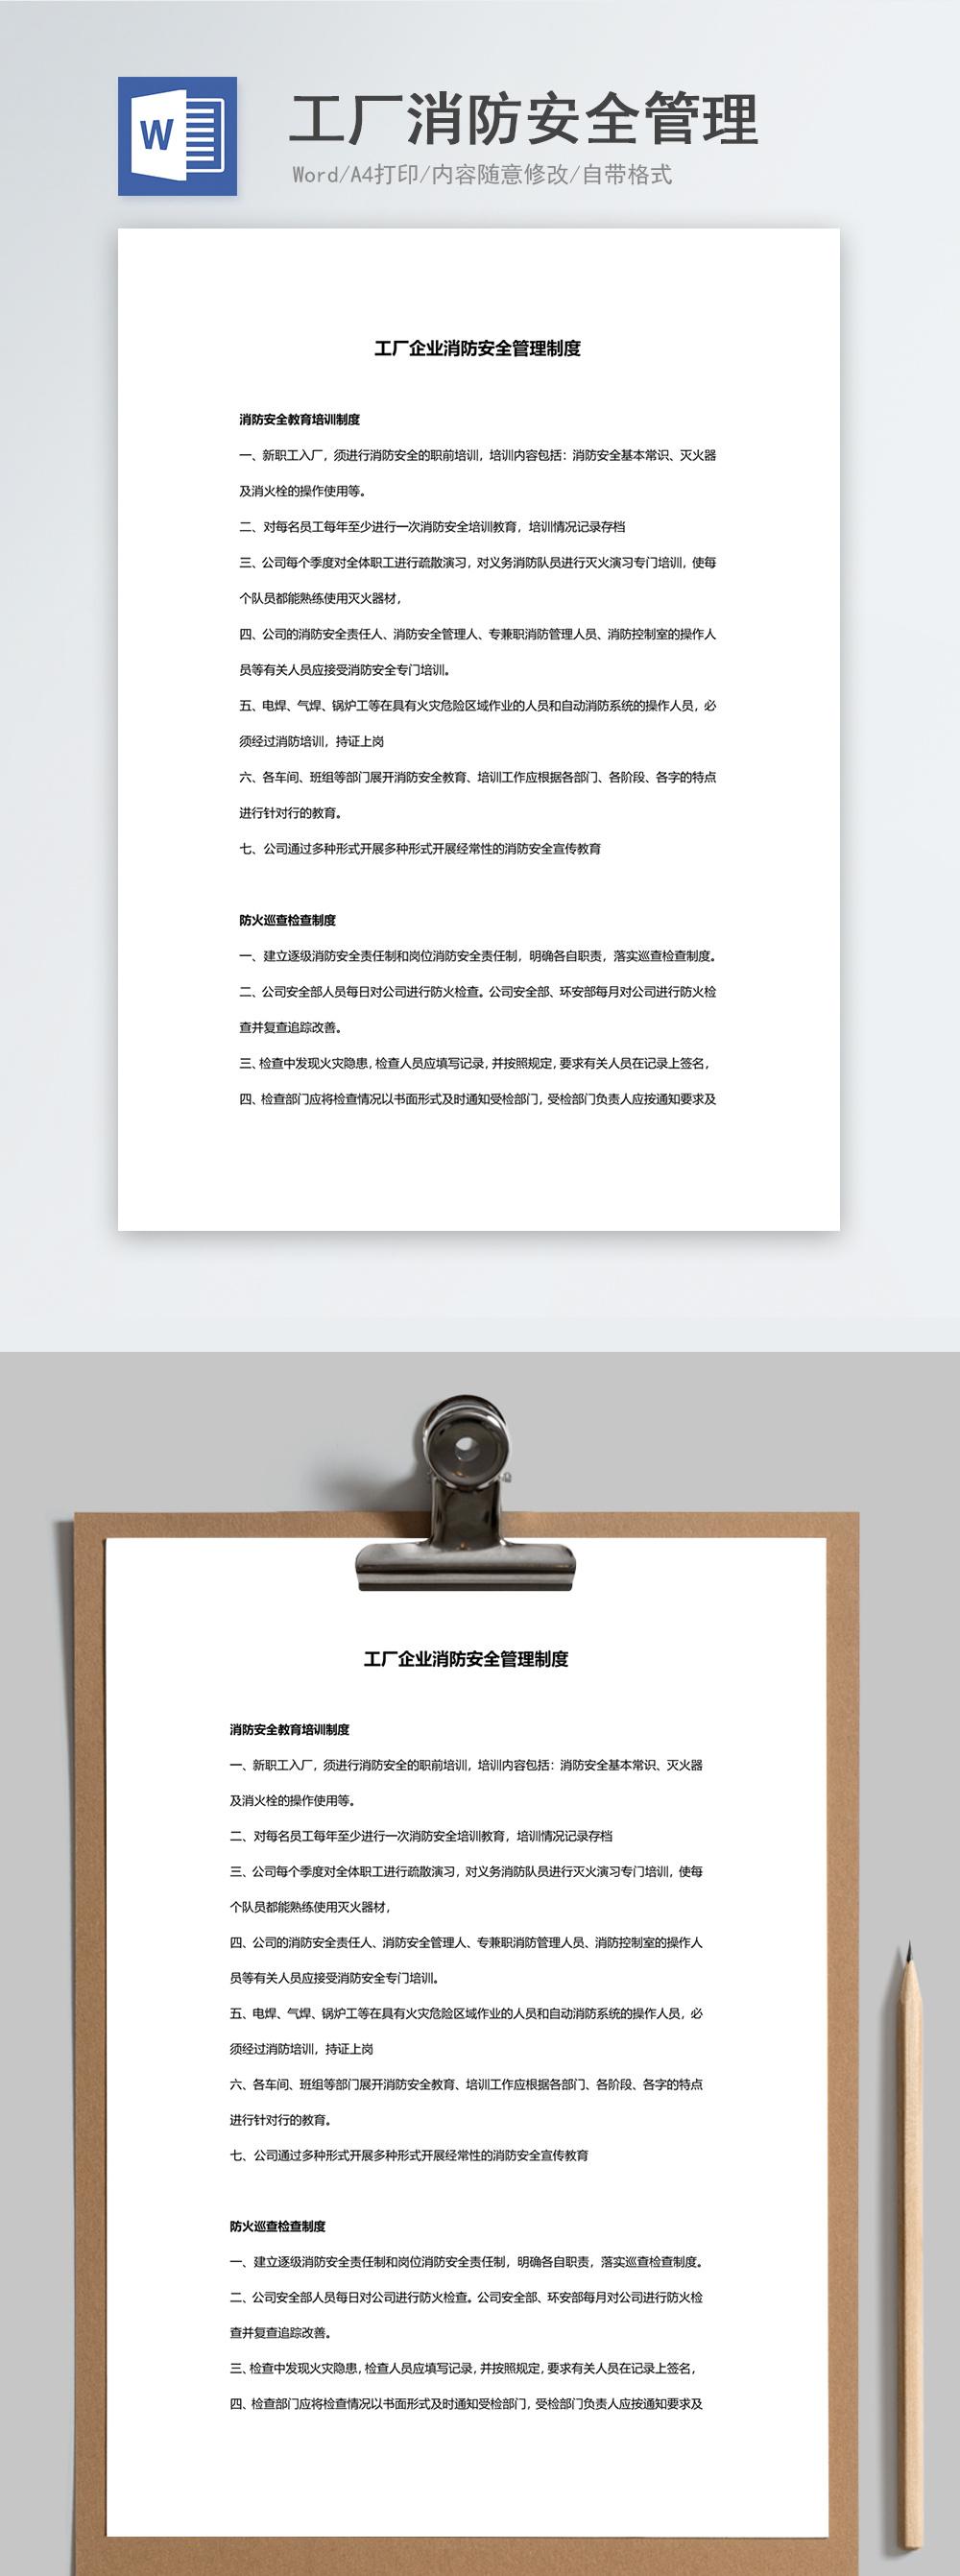 安全管理工厂消防安全管理制度word文档图片